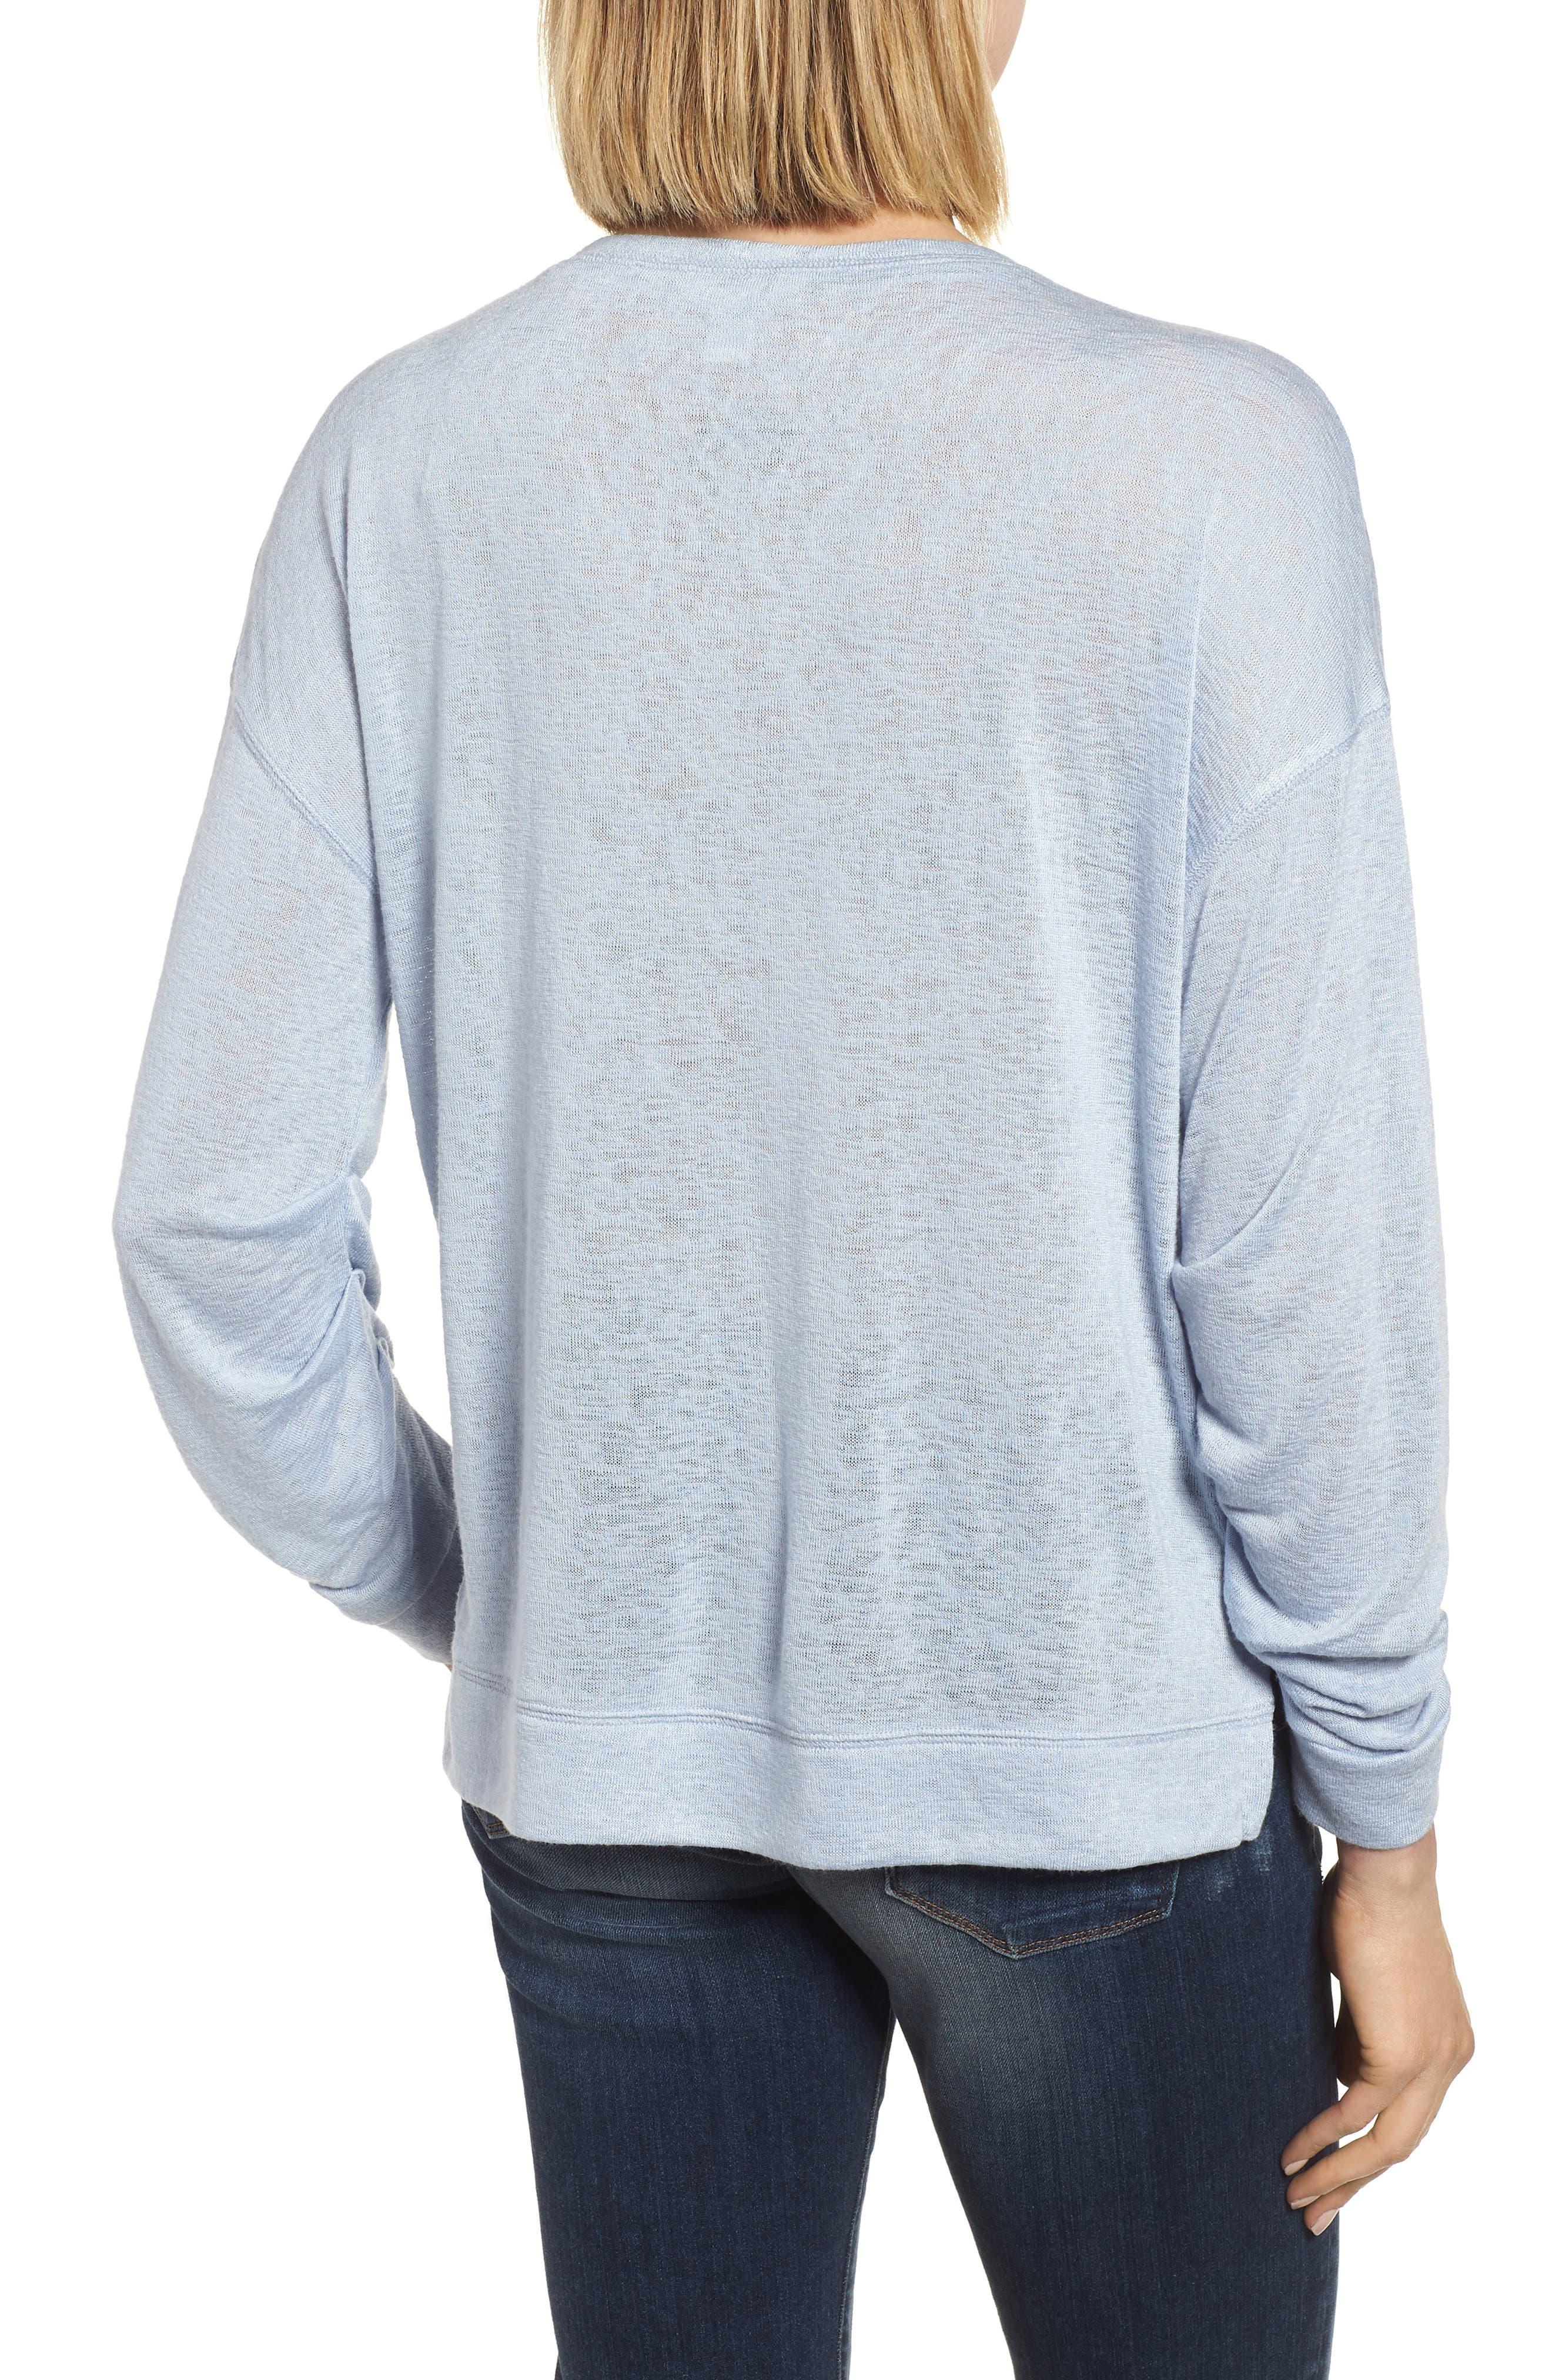 Tuck Sleeve Sweatshirt,                             Alternate thumbnail 12, color,